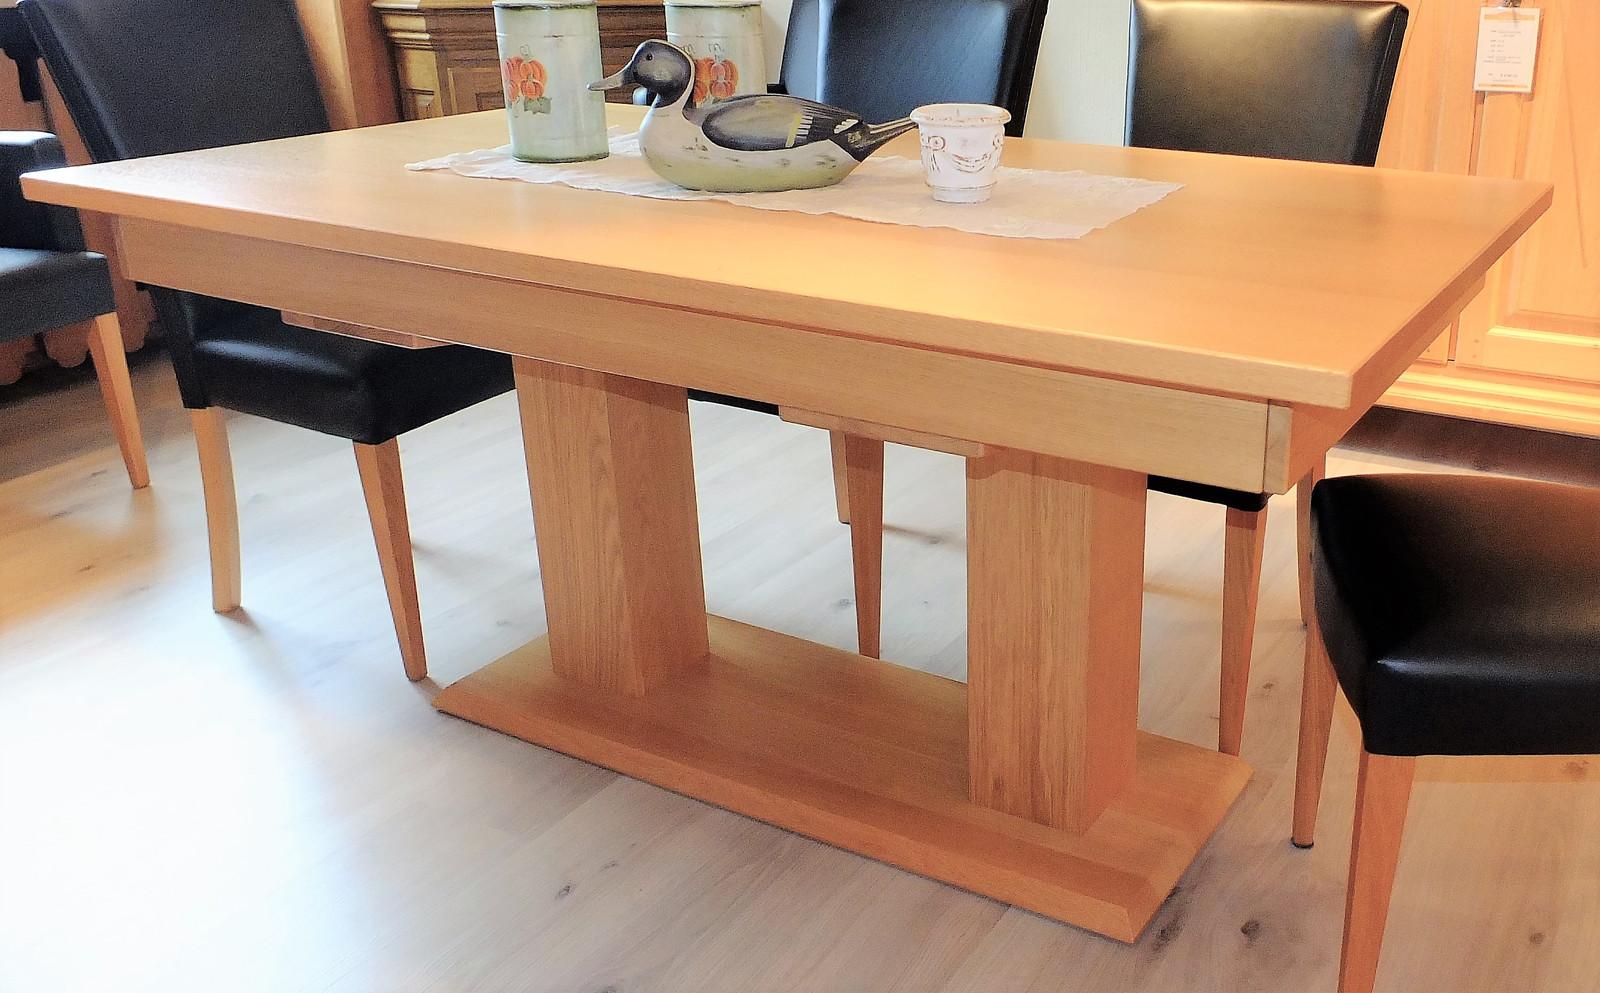 Esstisch / Esszimmertisch / Säulentisch / 2-Säulen-Tisch Moderna mit Einlegeplatte - in Eiche, Asteiche, Buche, Kirschbaum oder Kernbuche, der vollmassive Maßtisch